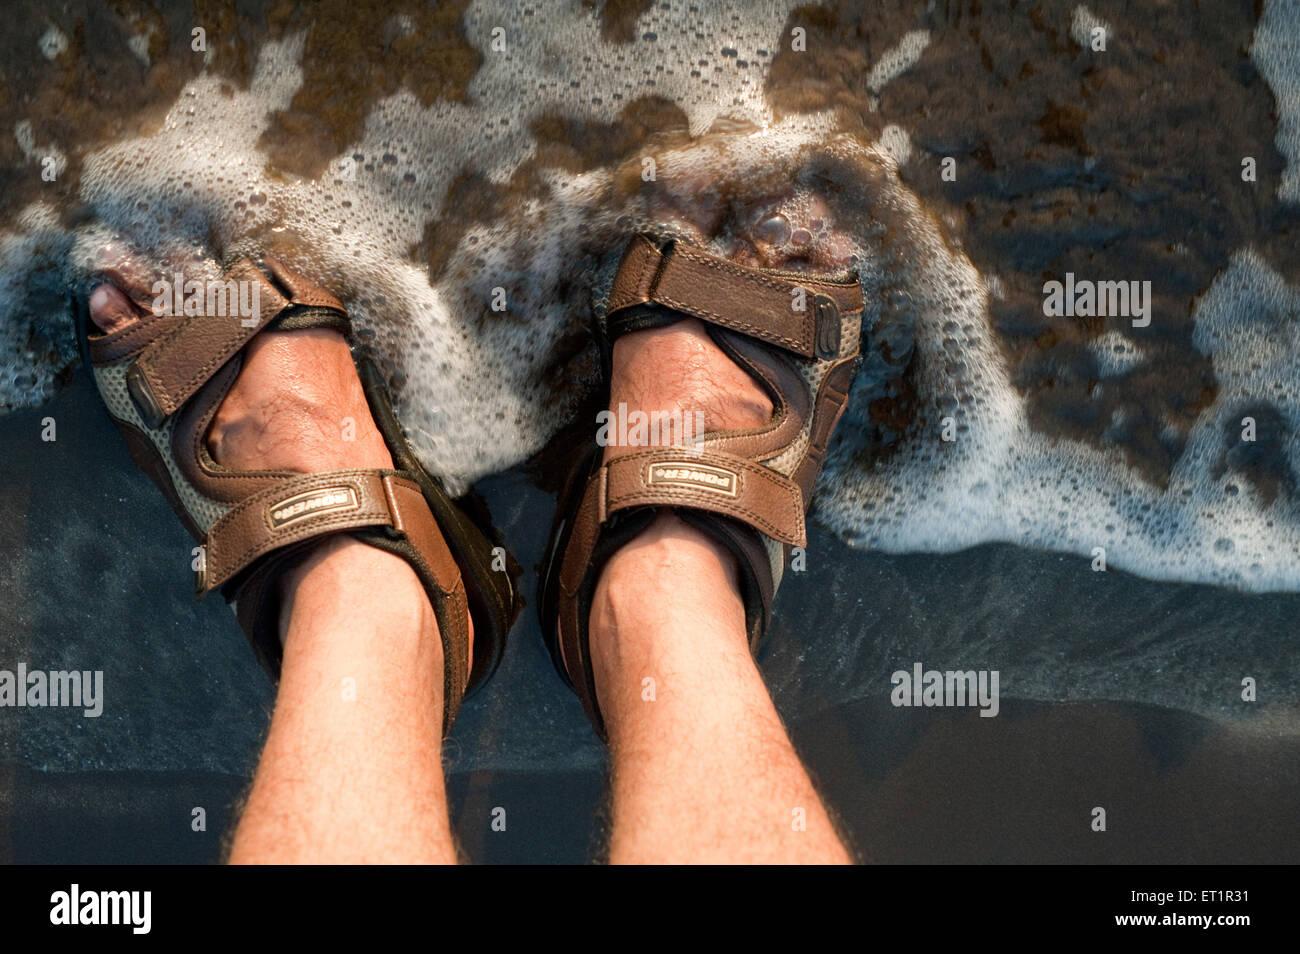 Les vagues de la mer ou surfer sur la fissuration sur traces à nagaon beach;;; Inde Maharashtra Photo Stock